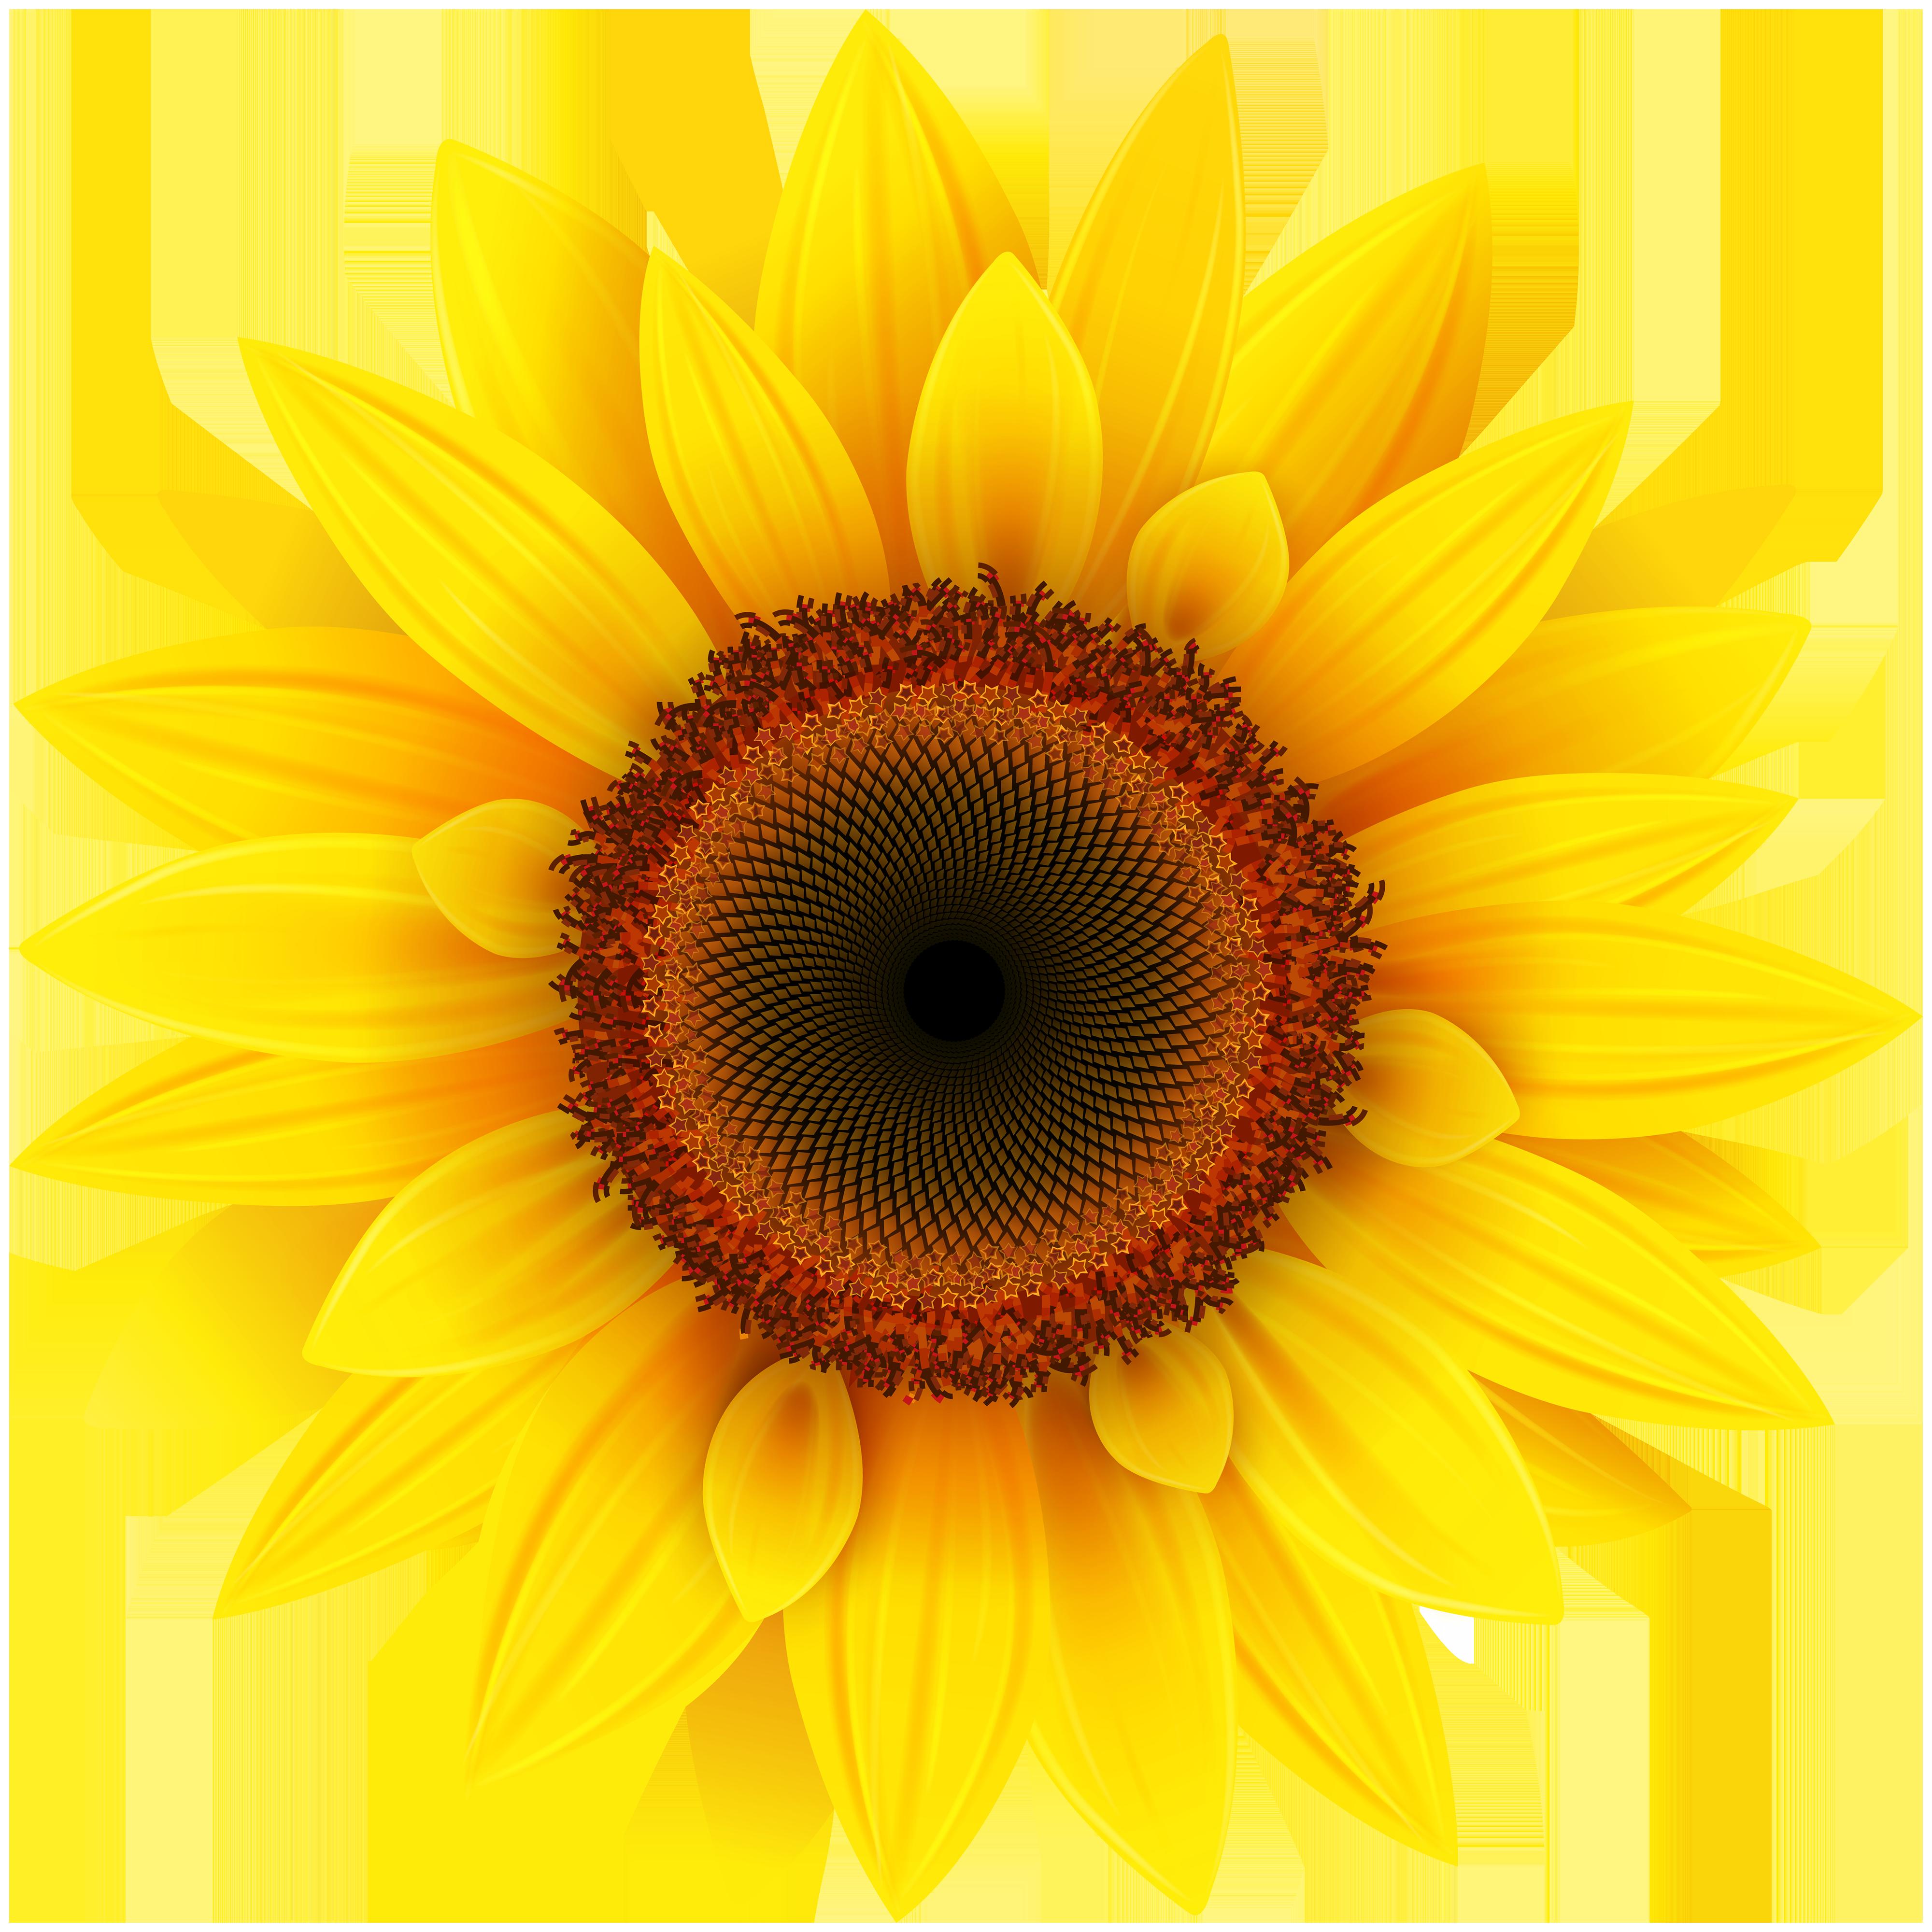 Sunflower clipart Sunflower com Sunflower Gclipart Clipart